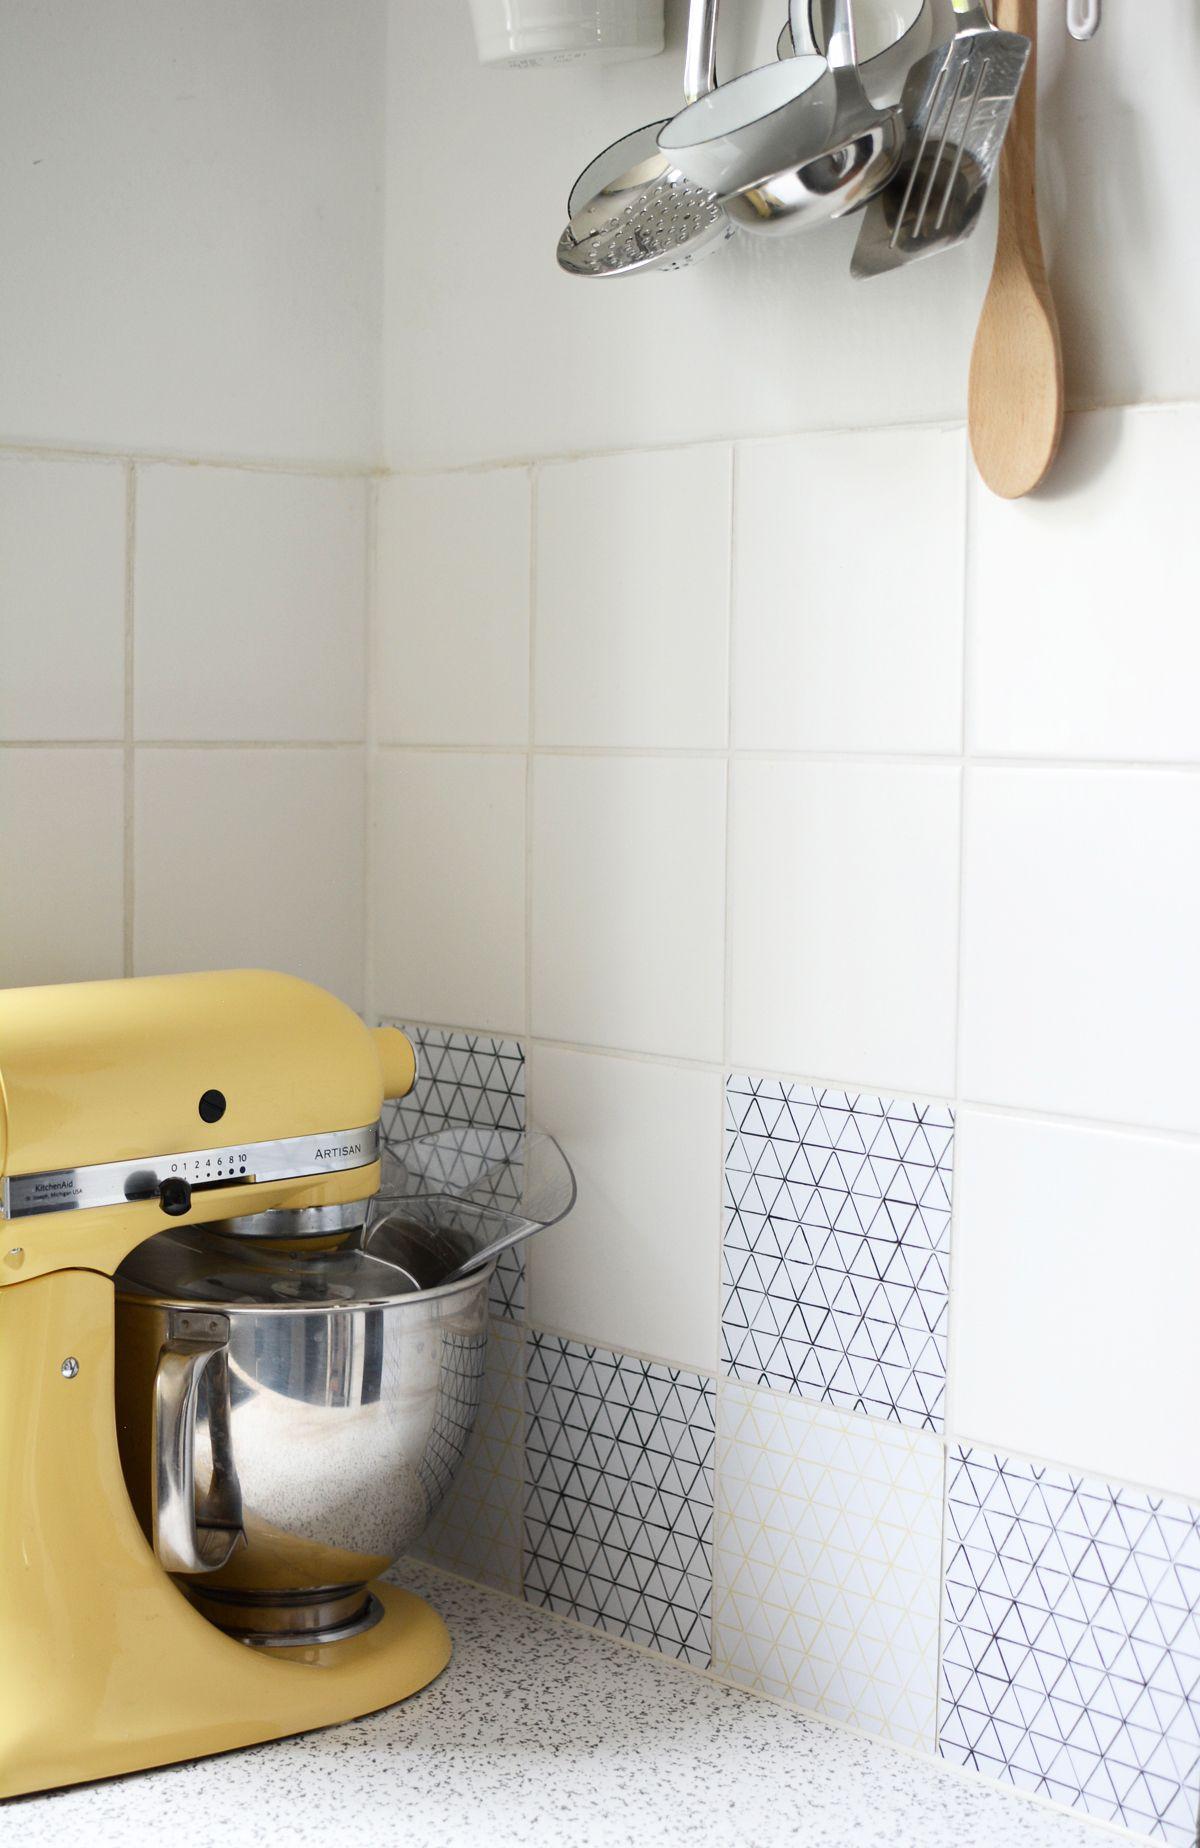 Creatistoblogger Pixiemitmilch Hat Ihrer Kuche Mit Unseren Fliesenaufklebern Im Design Mediana Ein Makeover Wohnzimmer Farbe Kleine Kuche Fliesenaufkleber